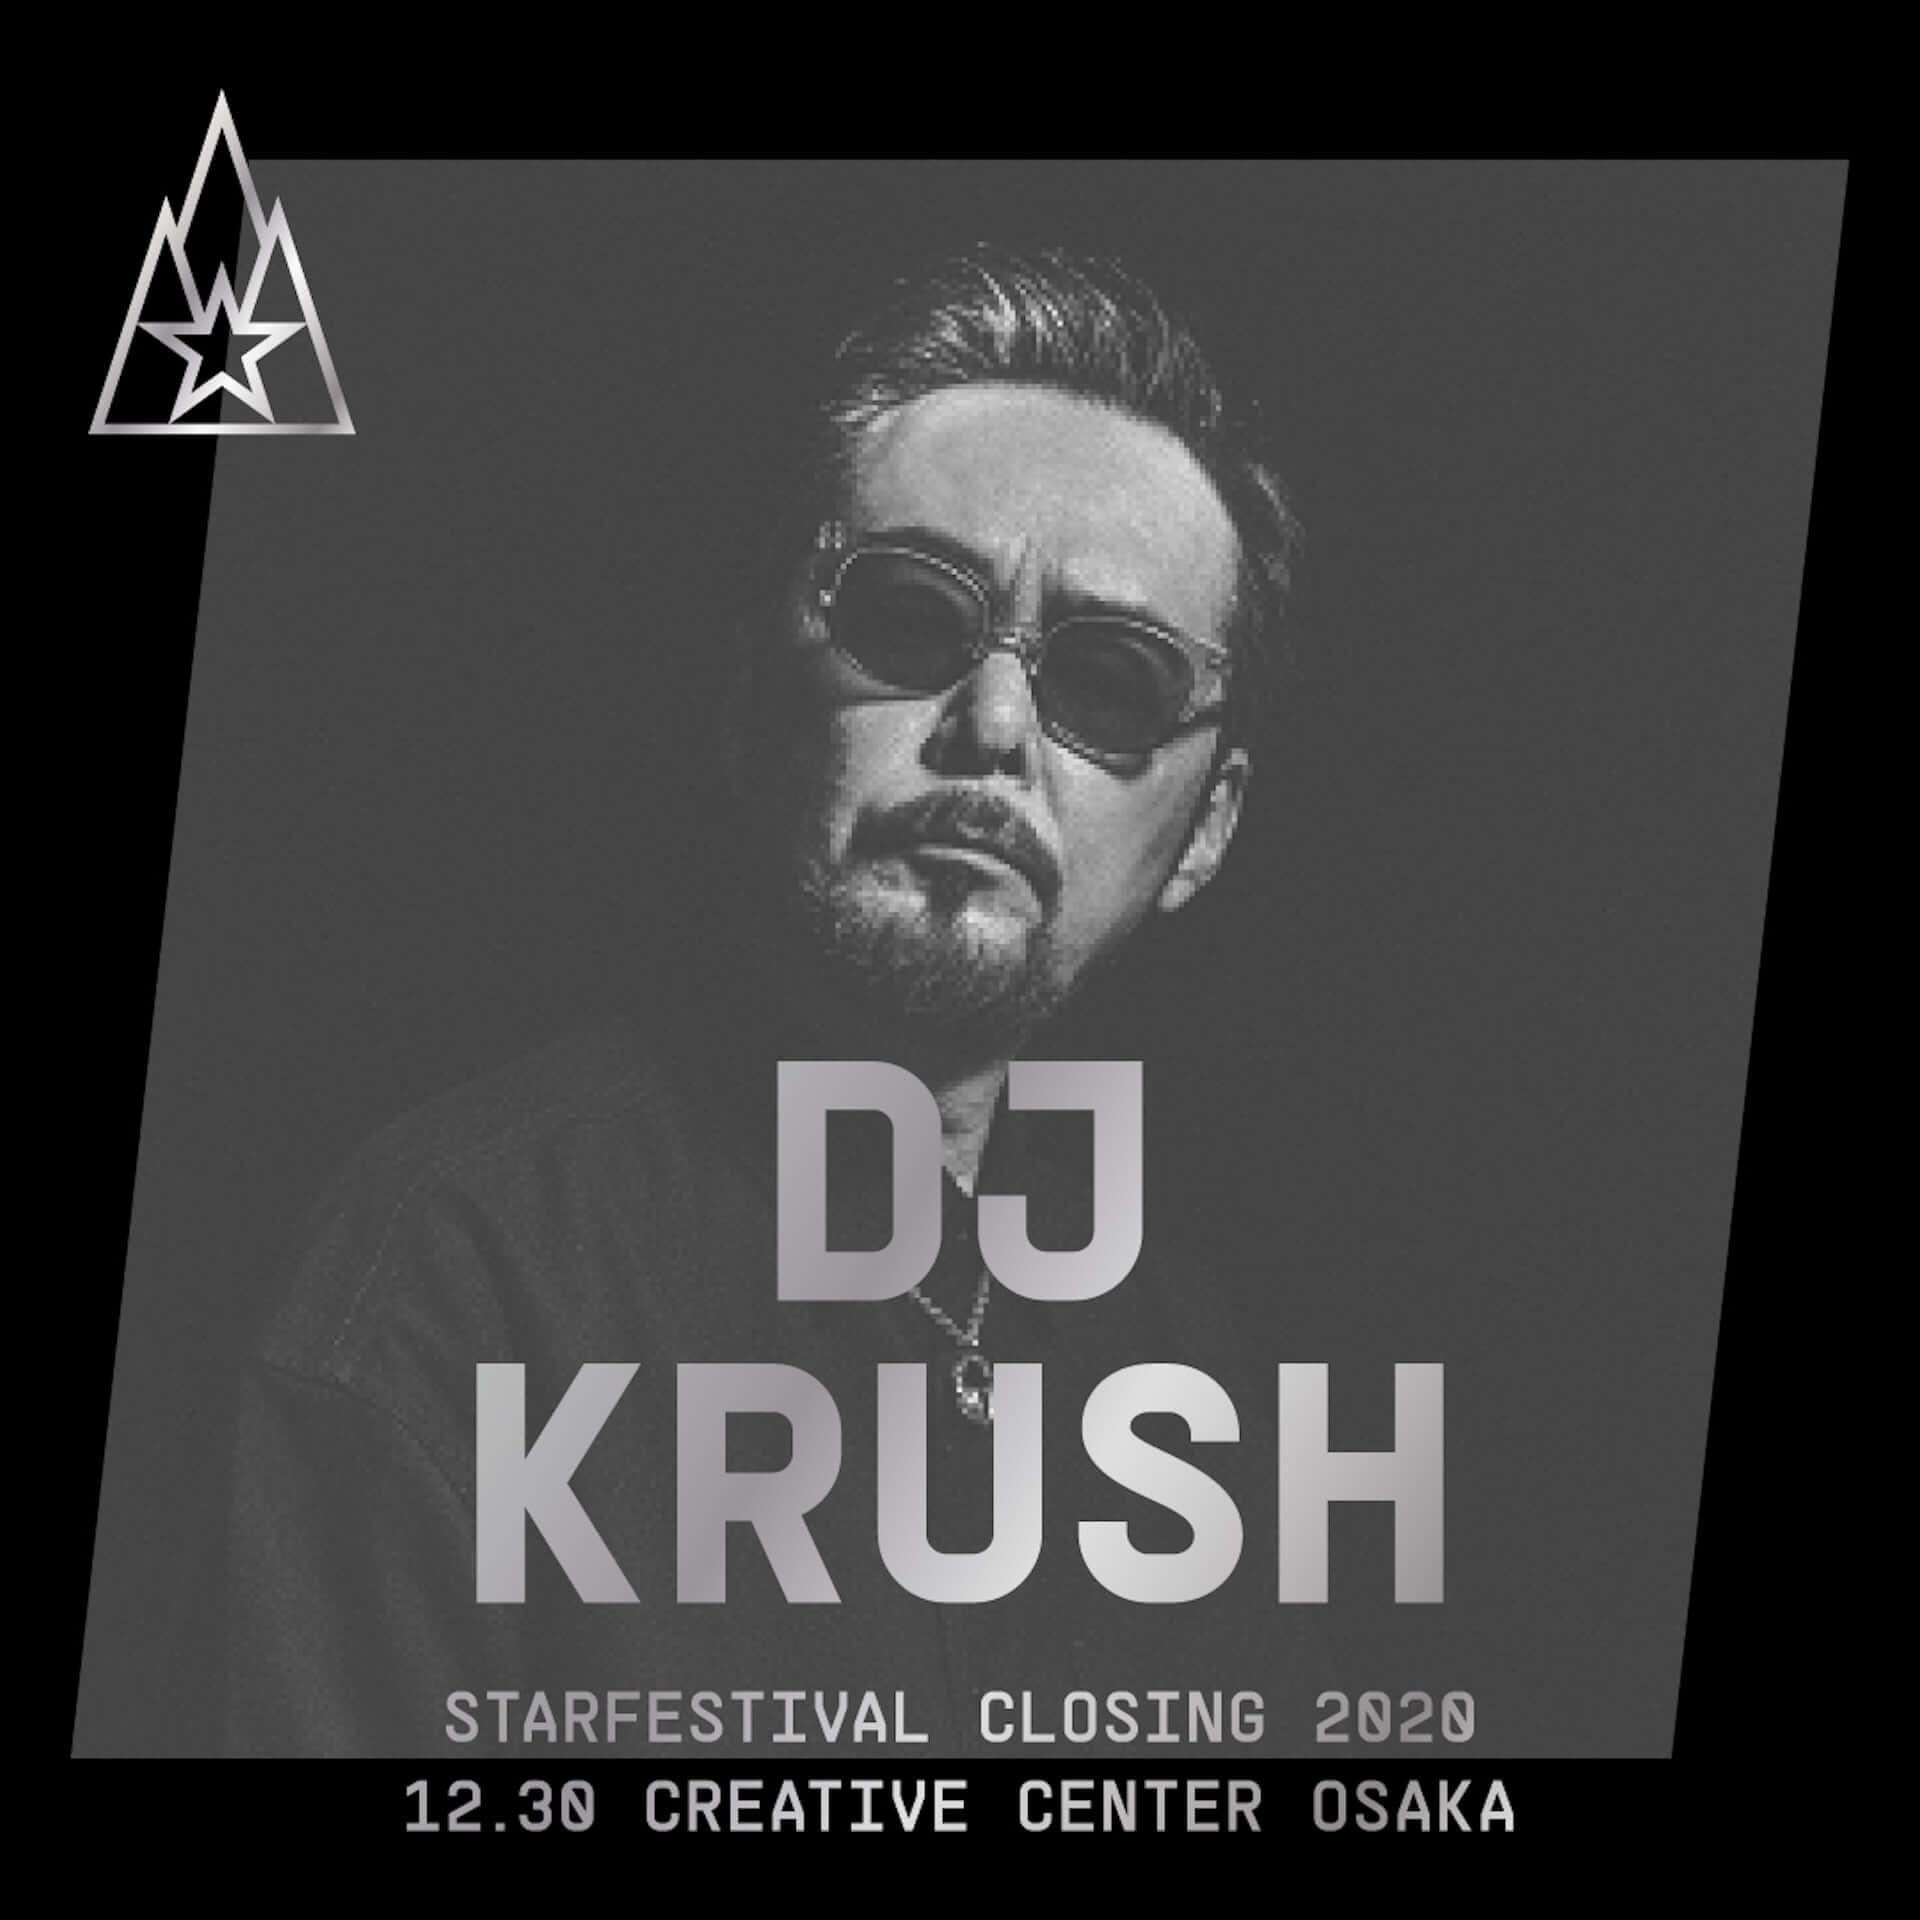 年末パーティー<STAR FESTIVAL CLOSING>が今年も開催決定!KOHH、DJ KRUSH、dj masda、AOKI takamasaらが登場 music201209_starfestival_2-1920x1920